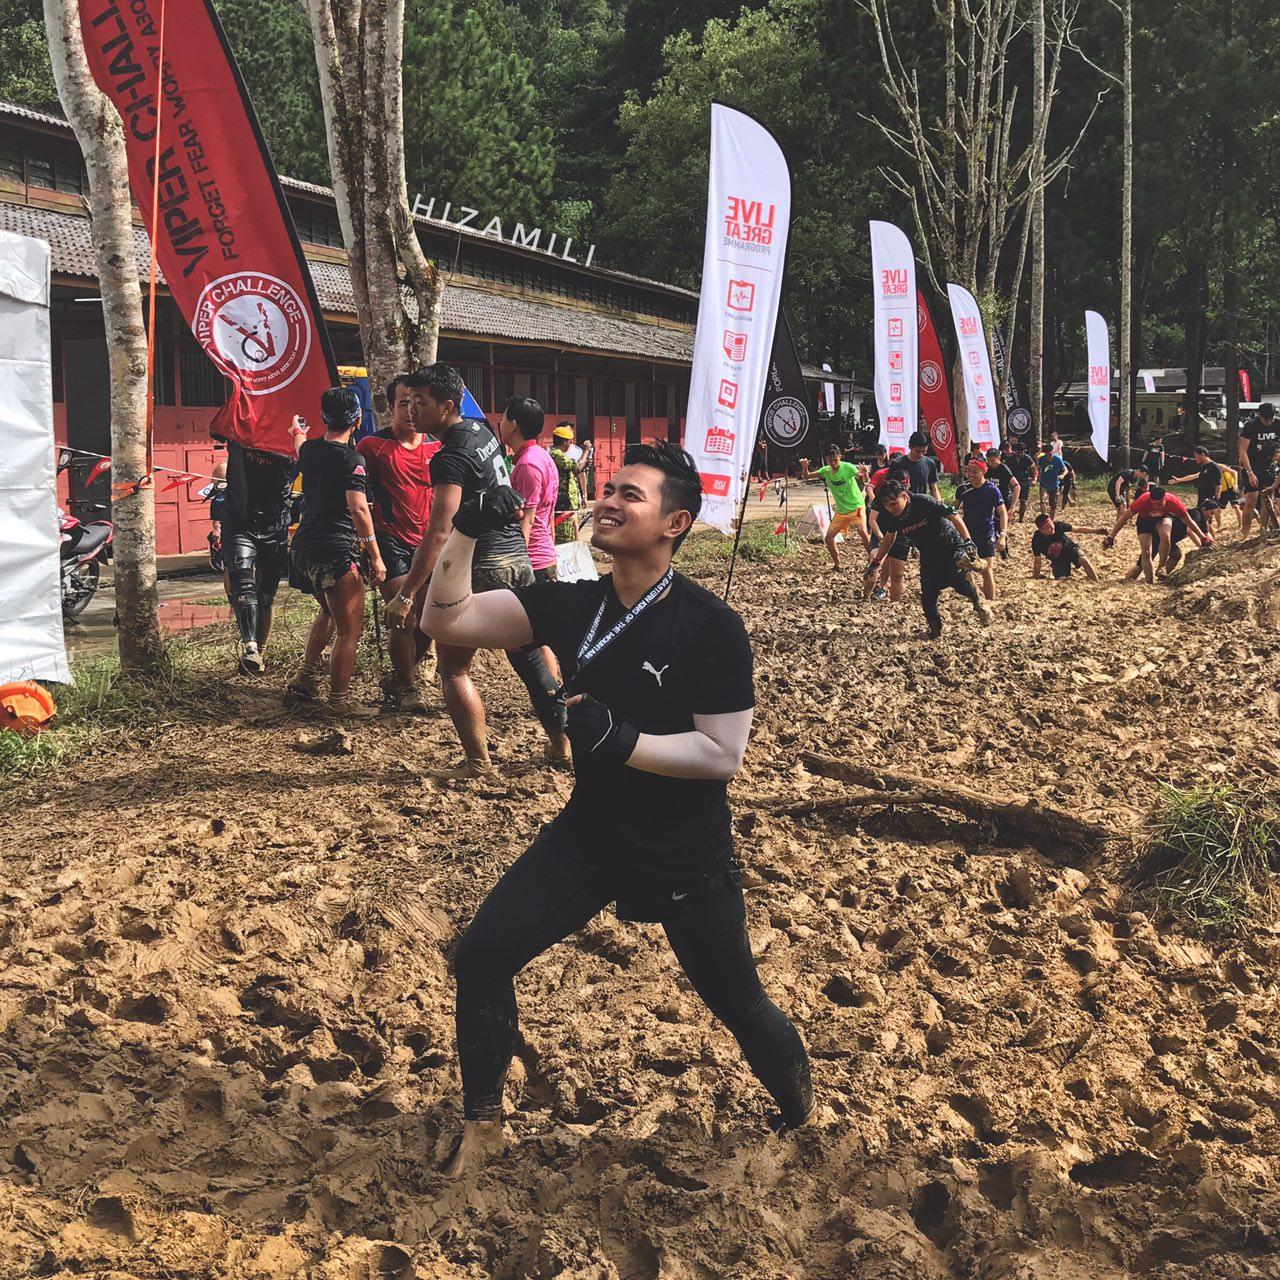 Panduan Pengalaman Sertai Viper Challenge Genting Highlands 2017